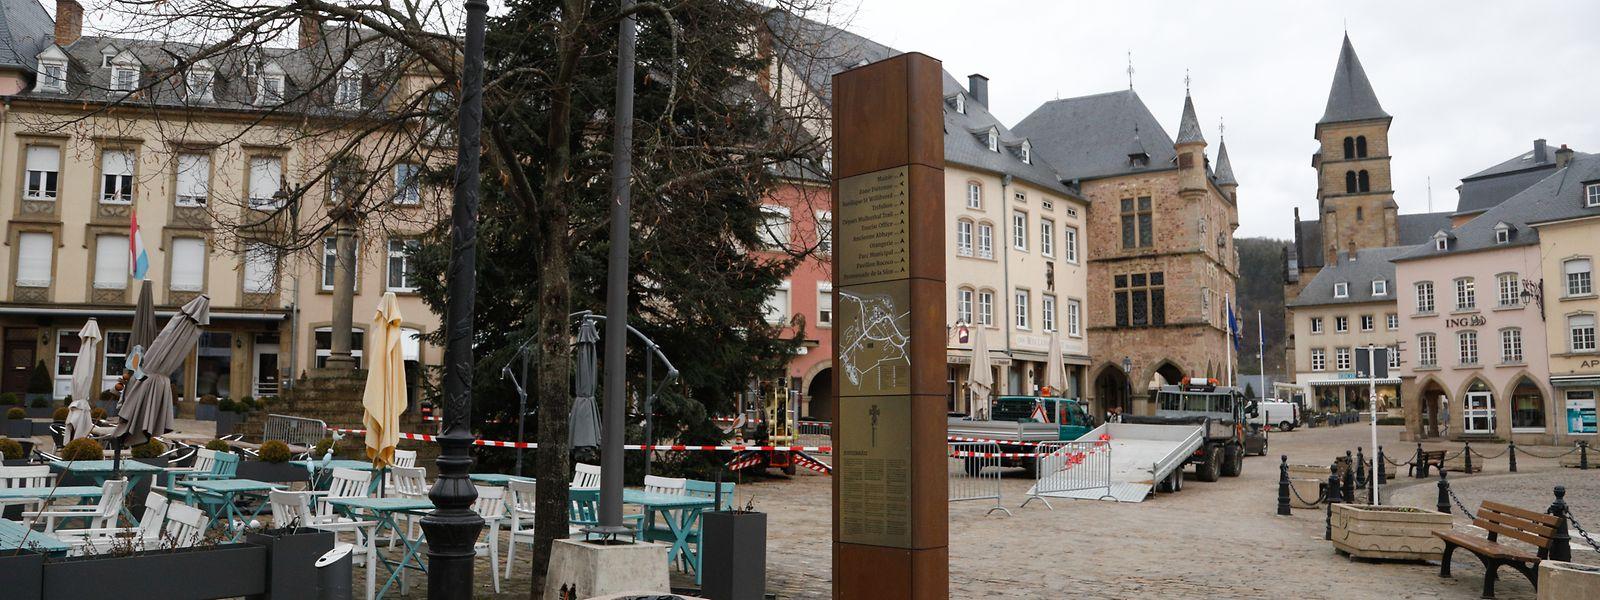 Die erste von 31 Säulen ist auf dem Marktplatz zu besichtigen.